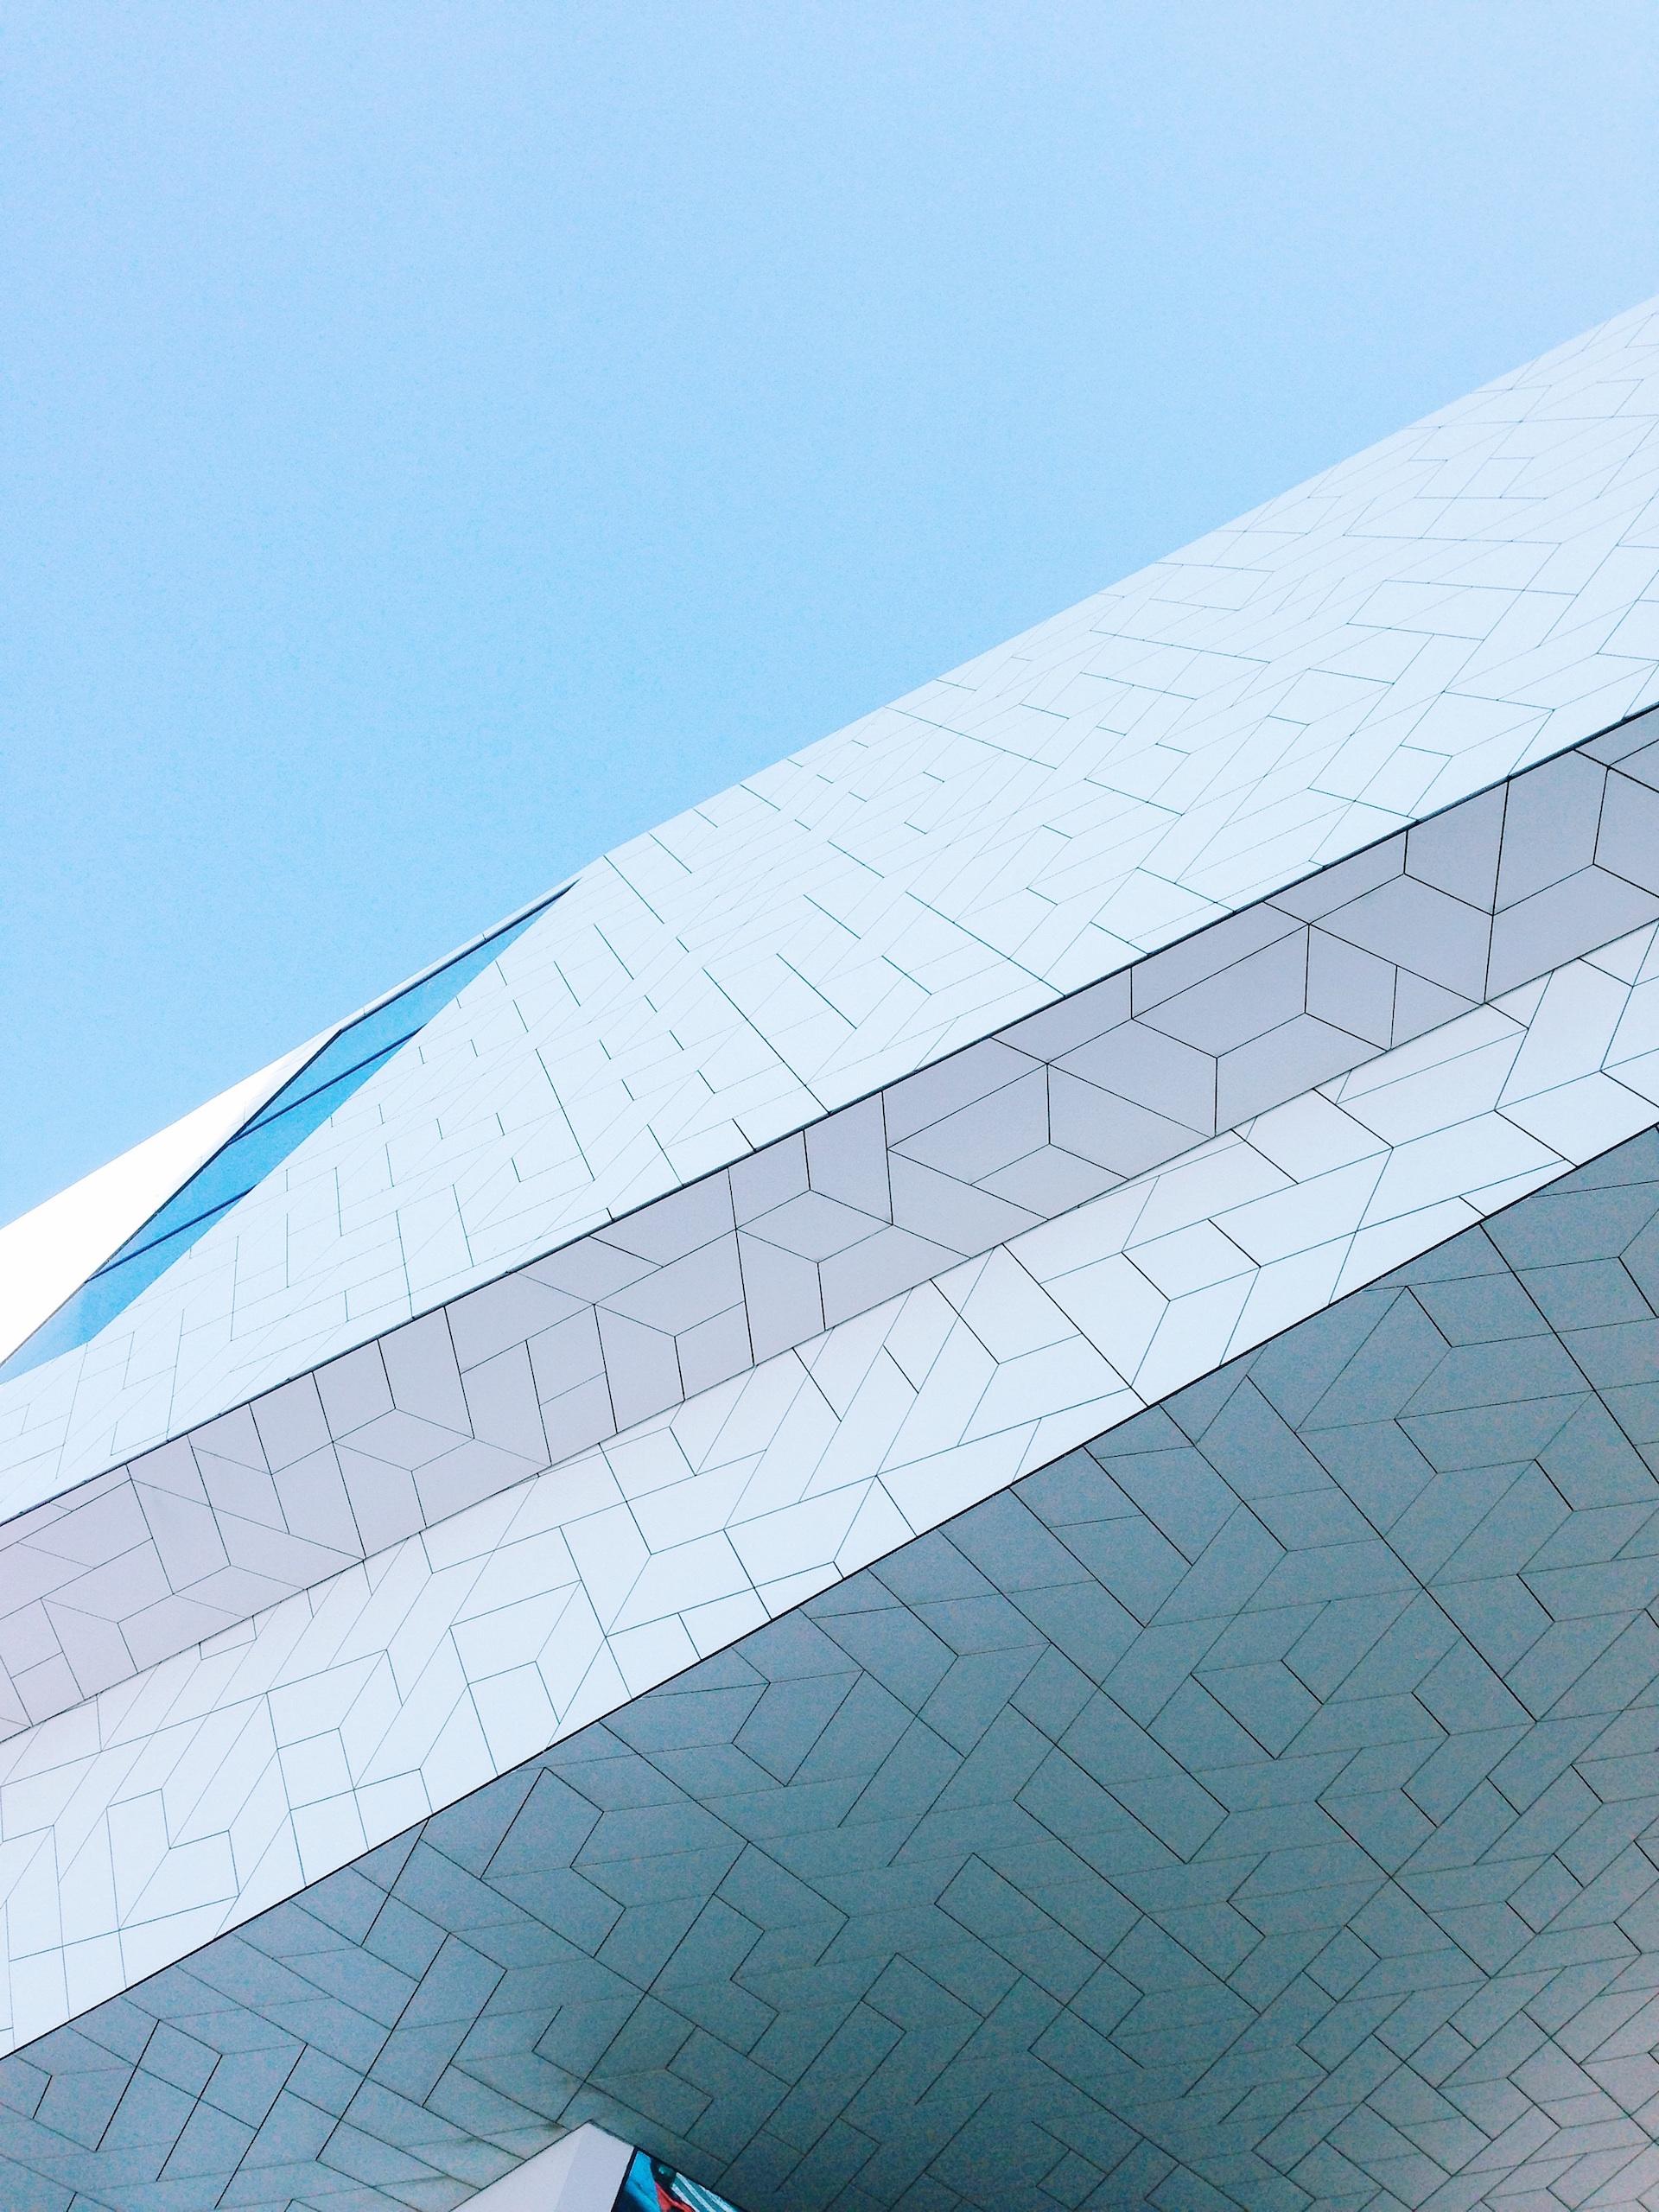 bâtiment, façade, architecture, conception, modernité - Fonds d'écran HD - Professor-falken.com